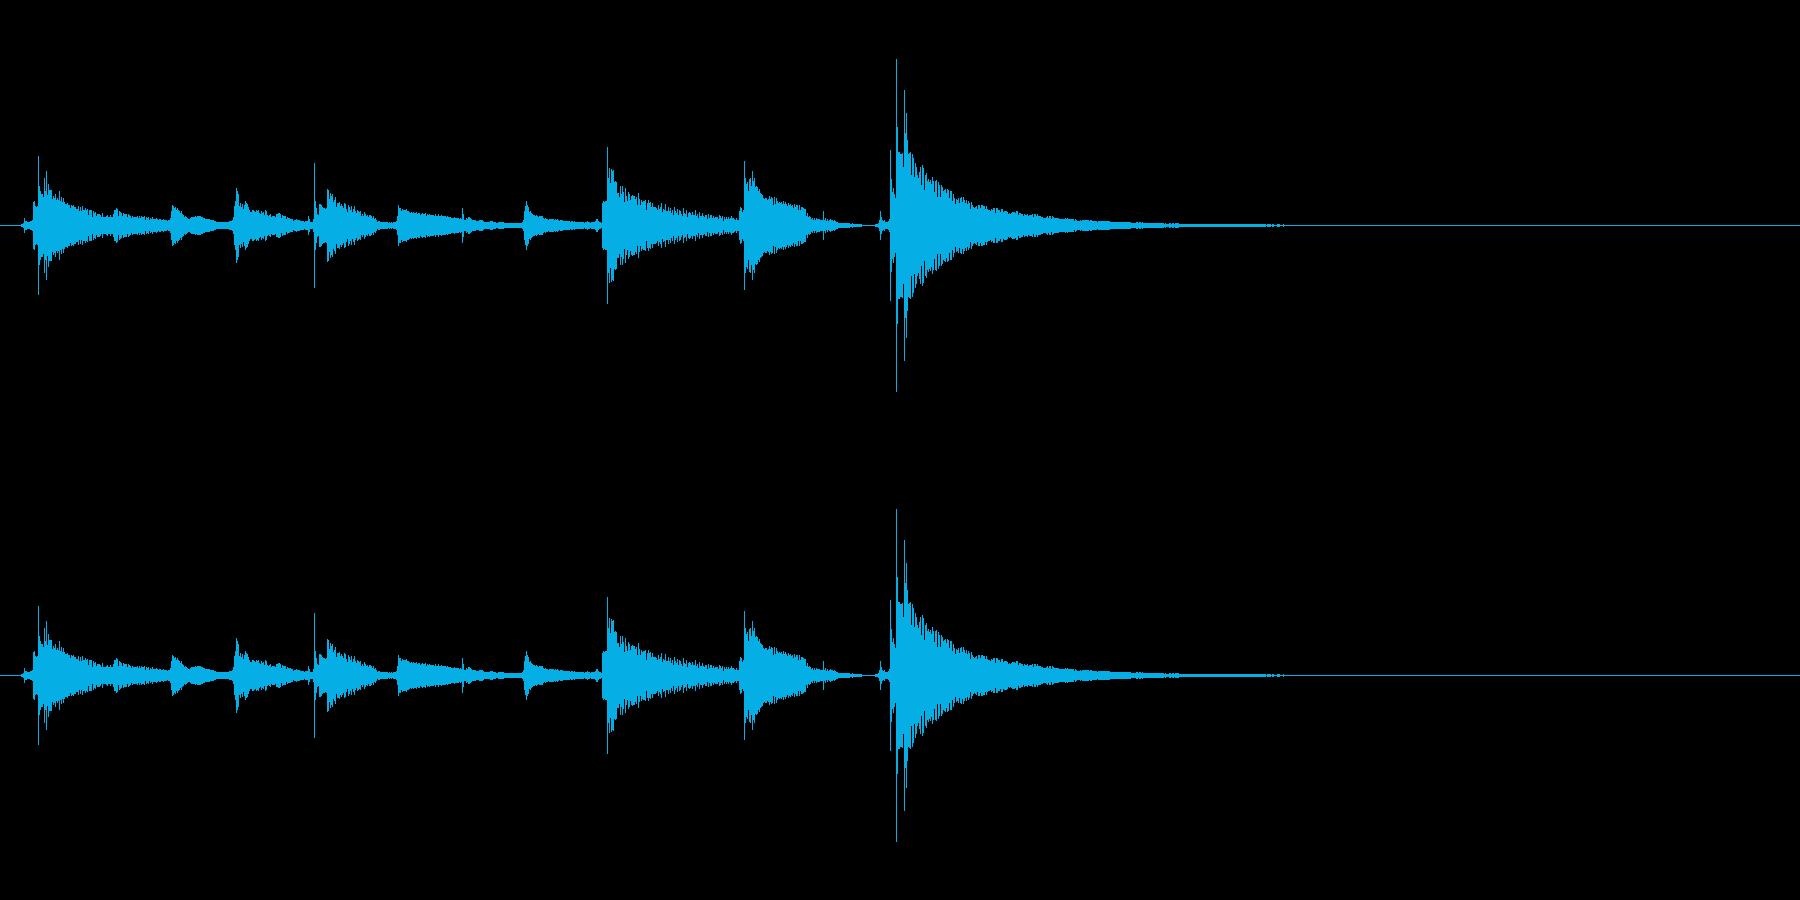 【生音】ウクレレでチャラチャラーチャラの再生済みの波形